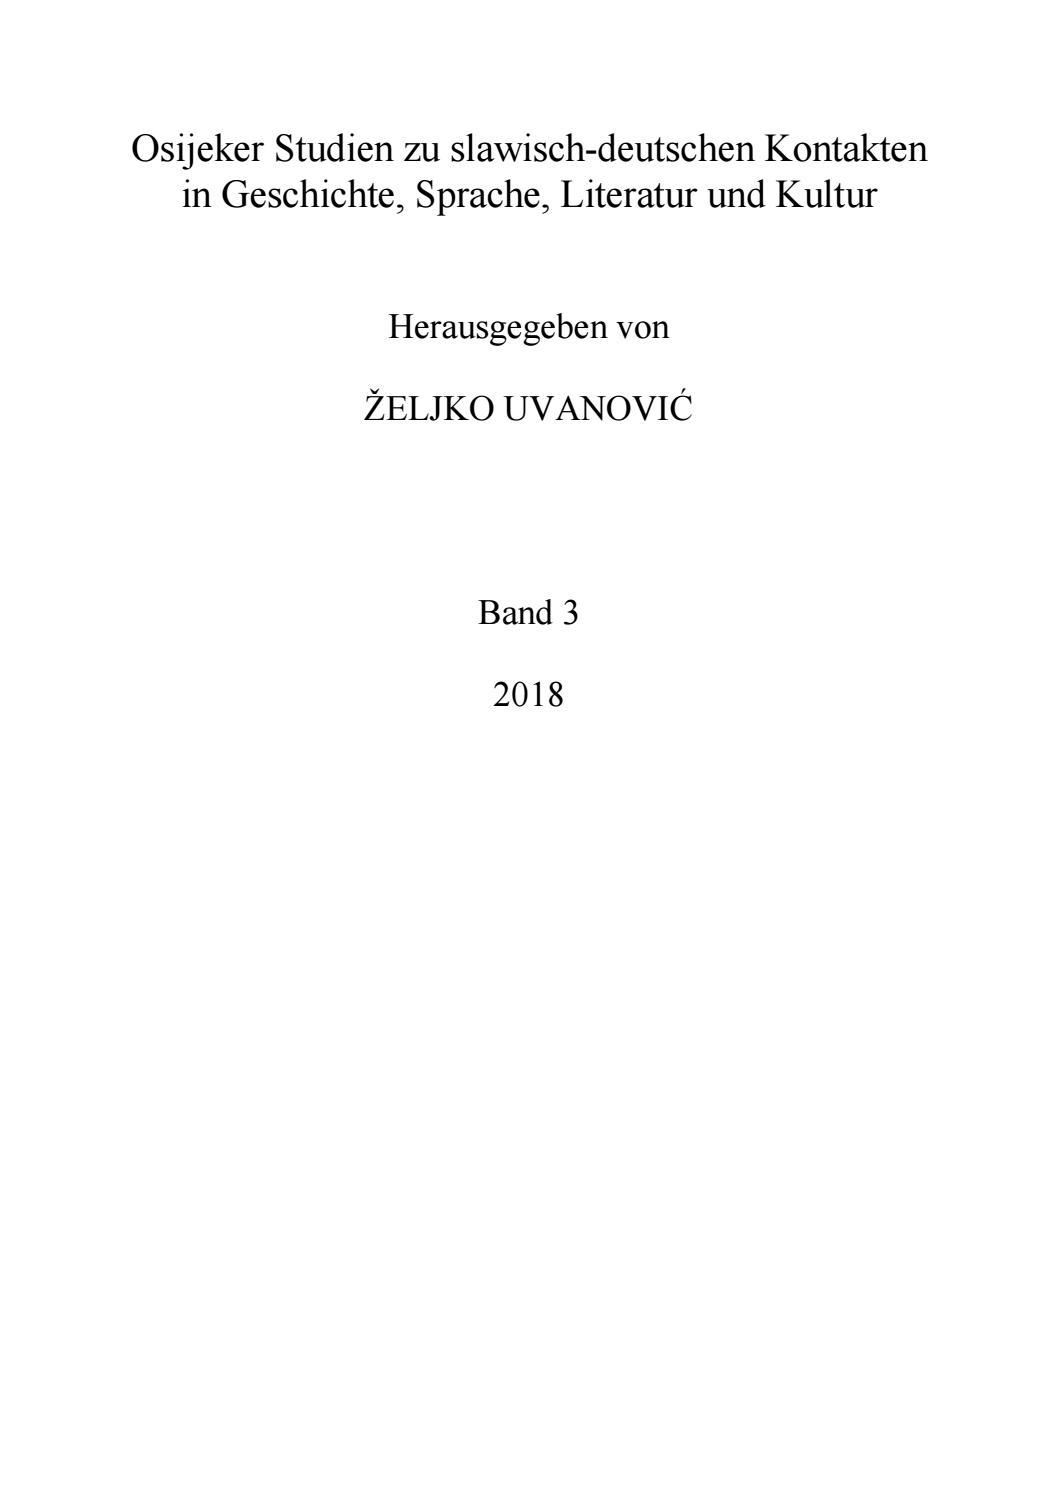 pre-view Sammelband Slawisch-deutsche Kontakte in Literatur ...